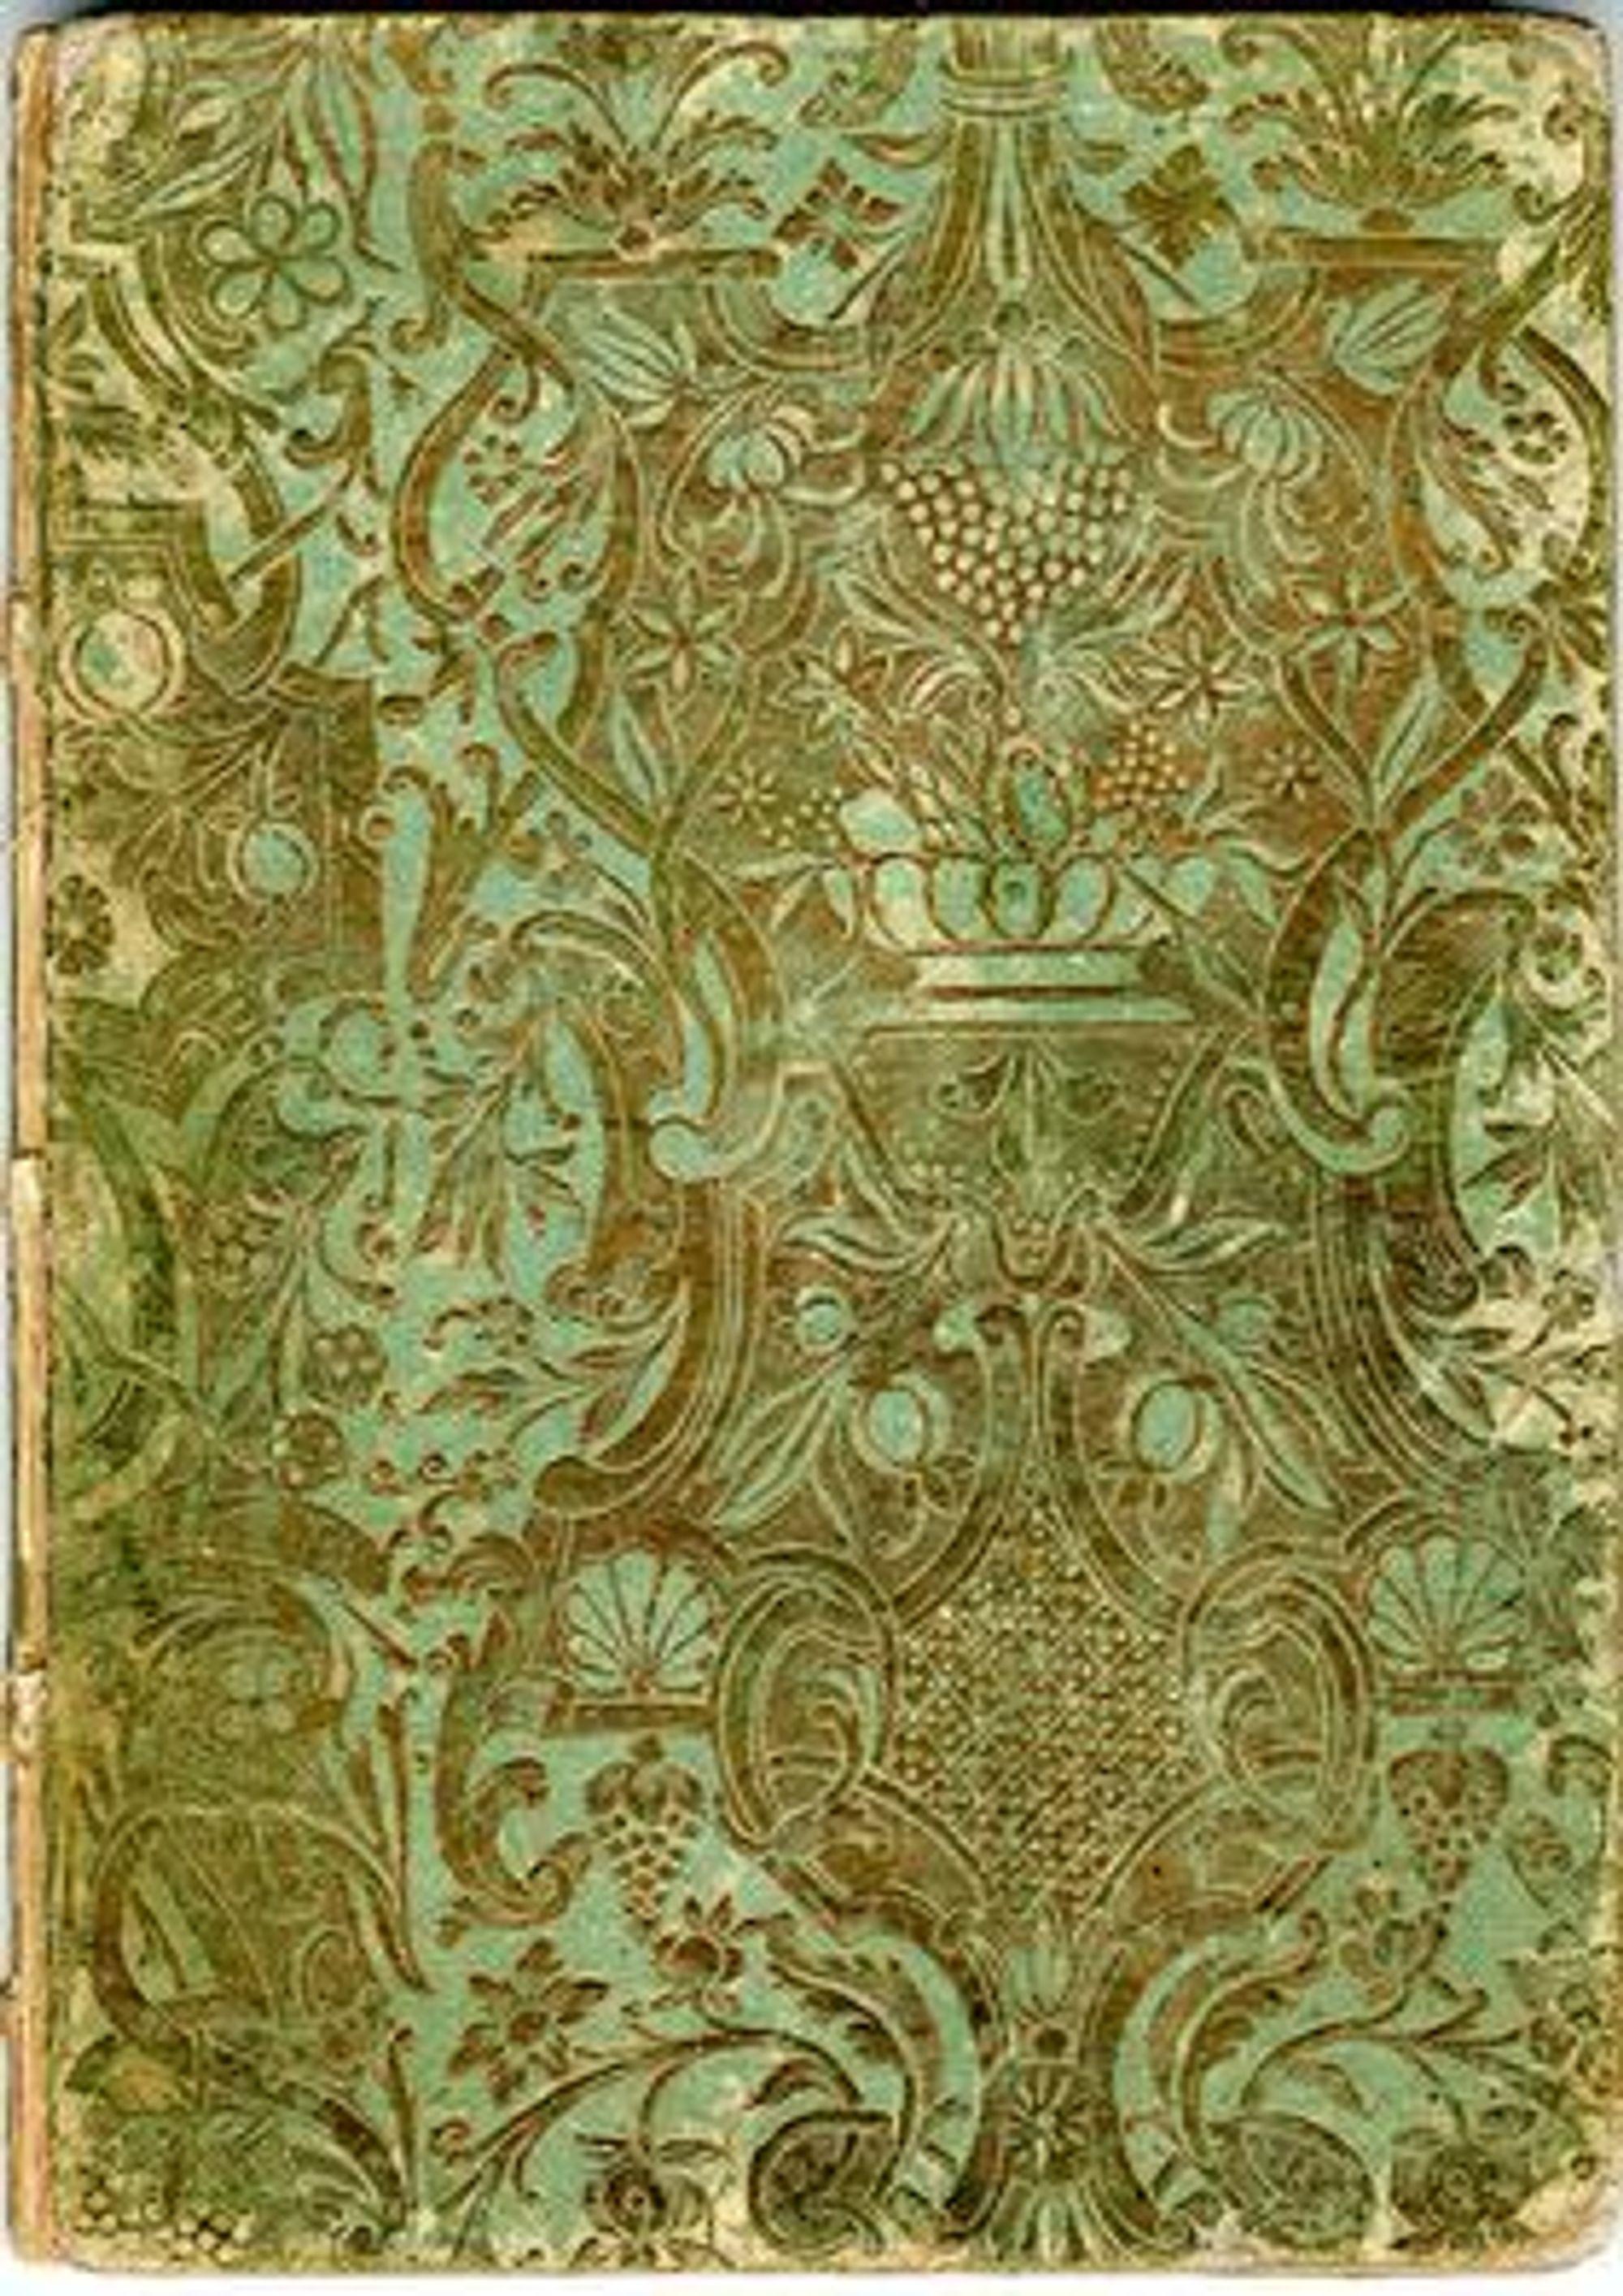 Manuskriptet er vakkert innbundet, uten tittel.